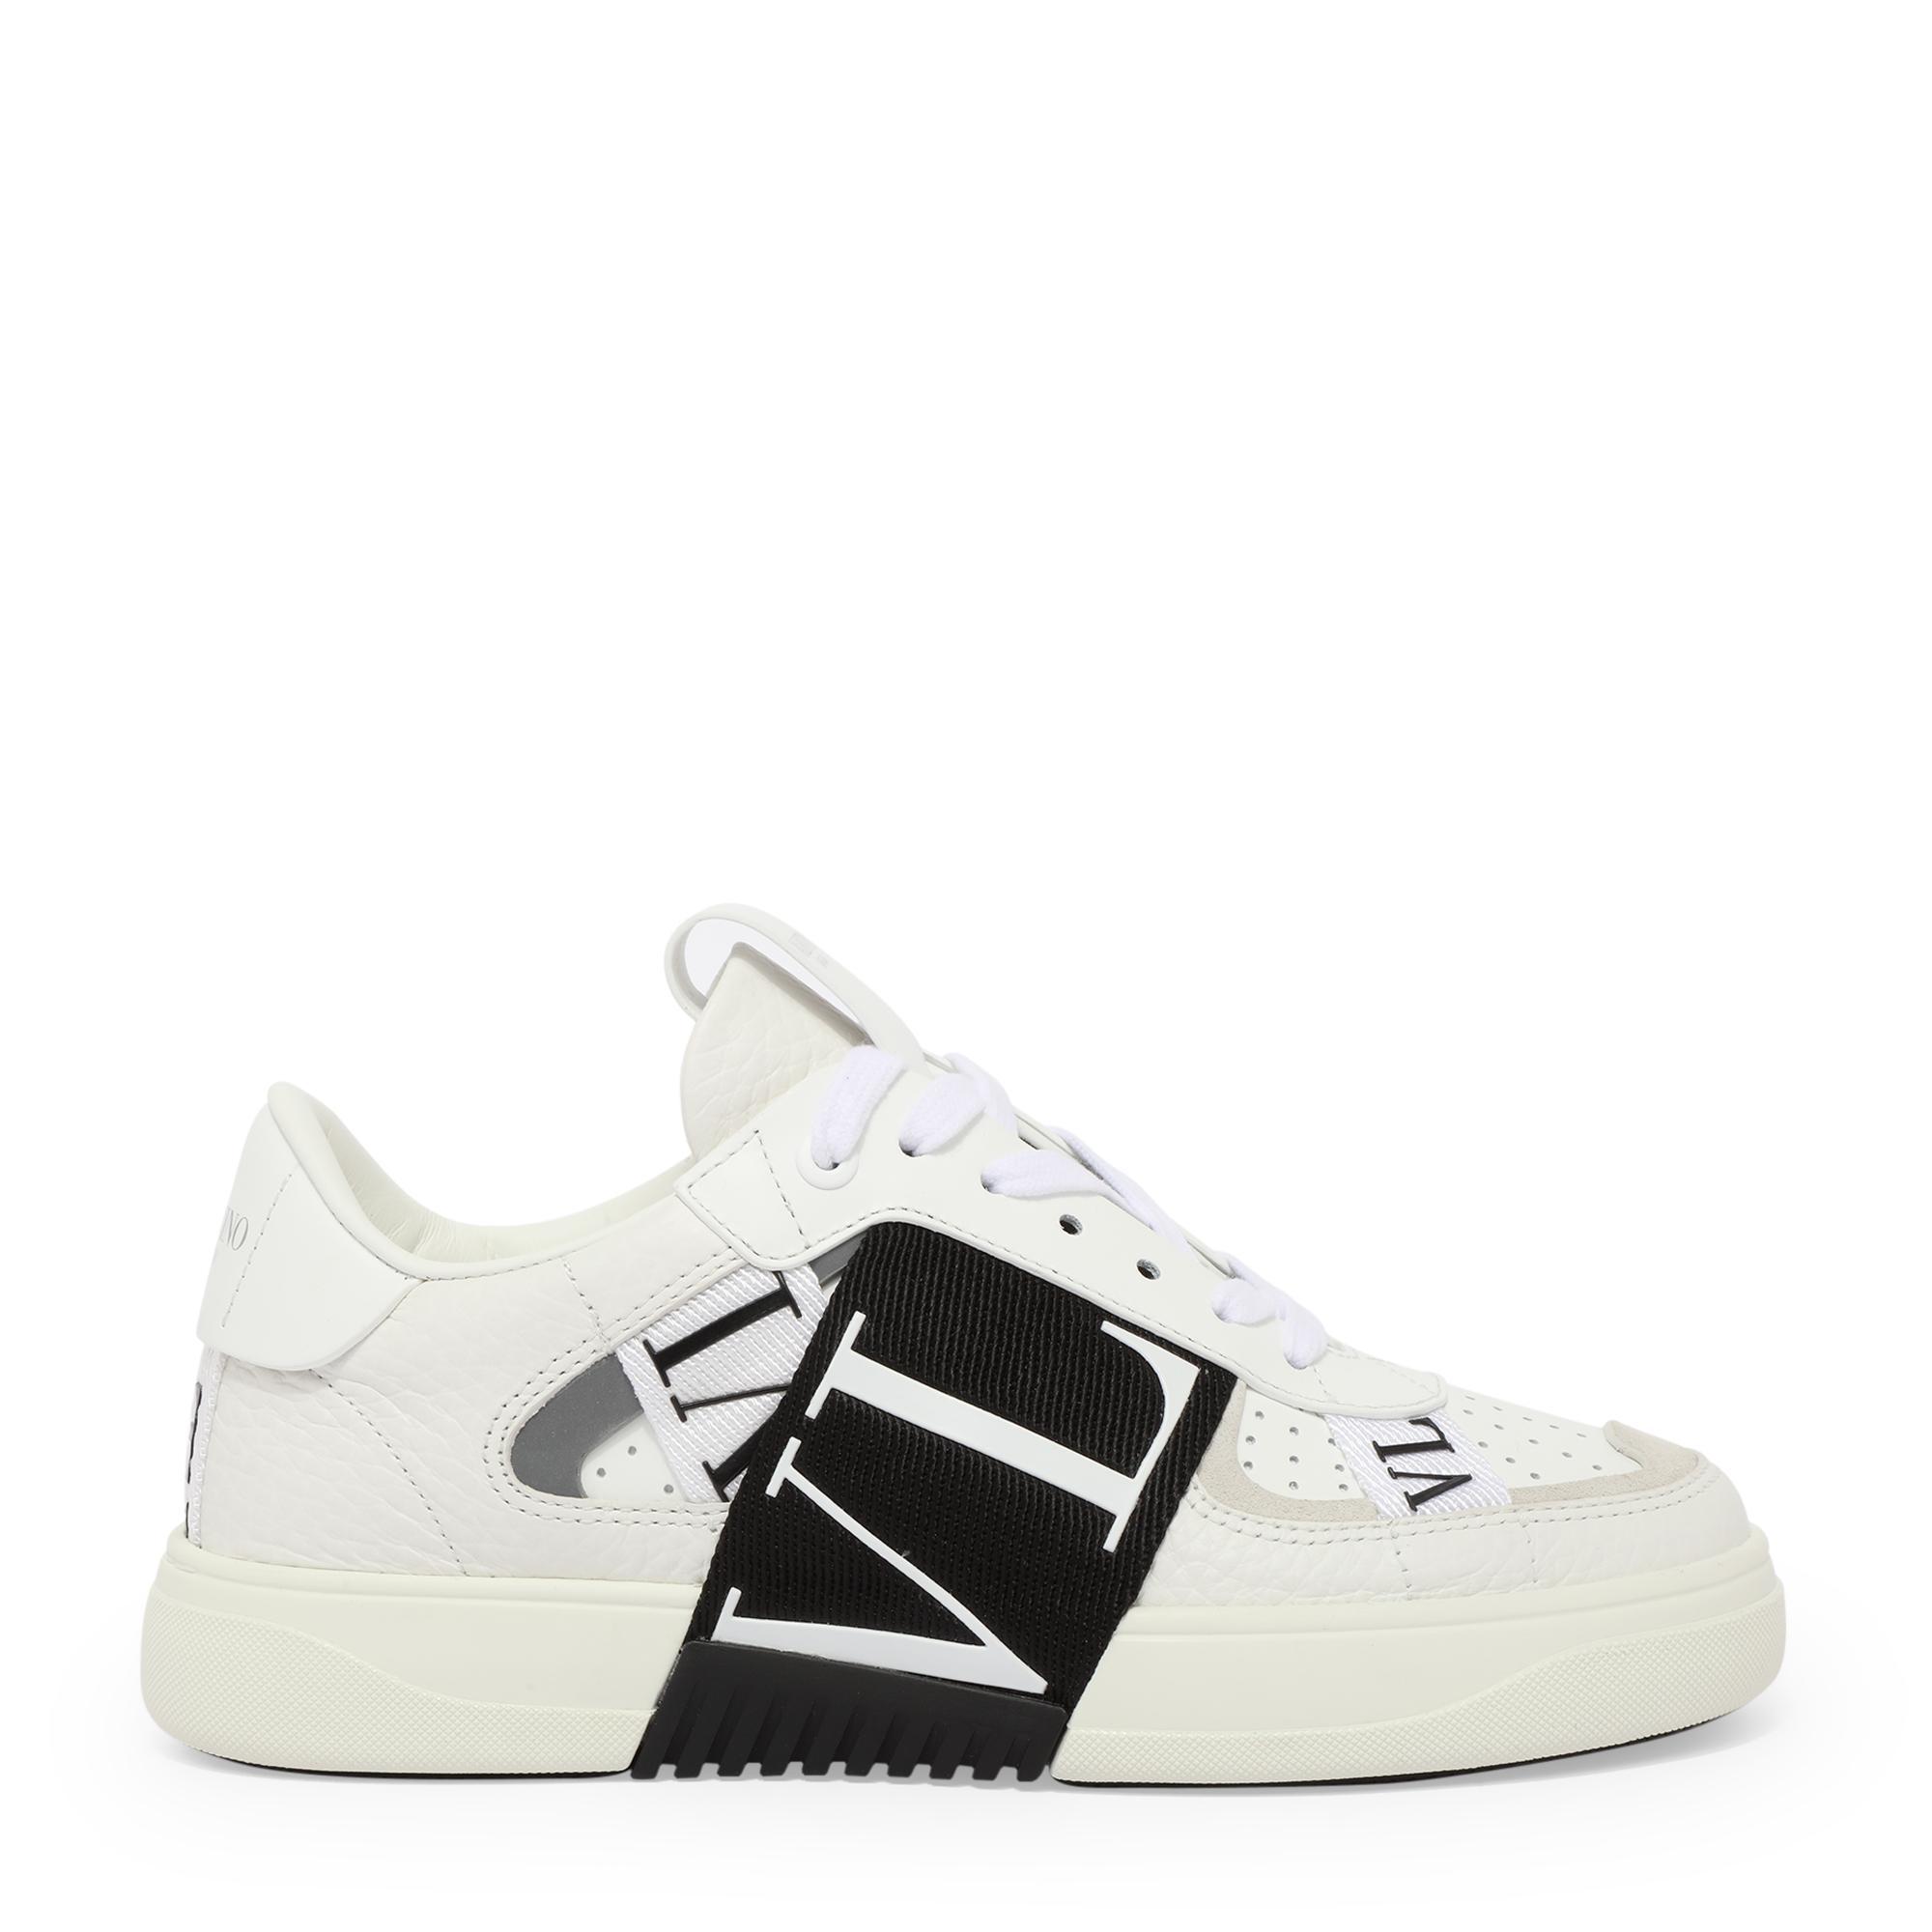 VL7N sneakers